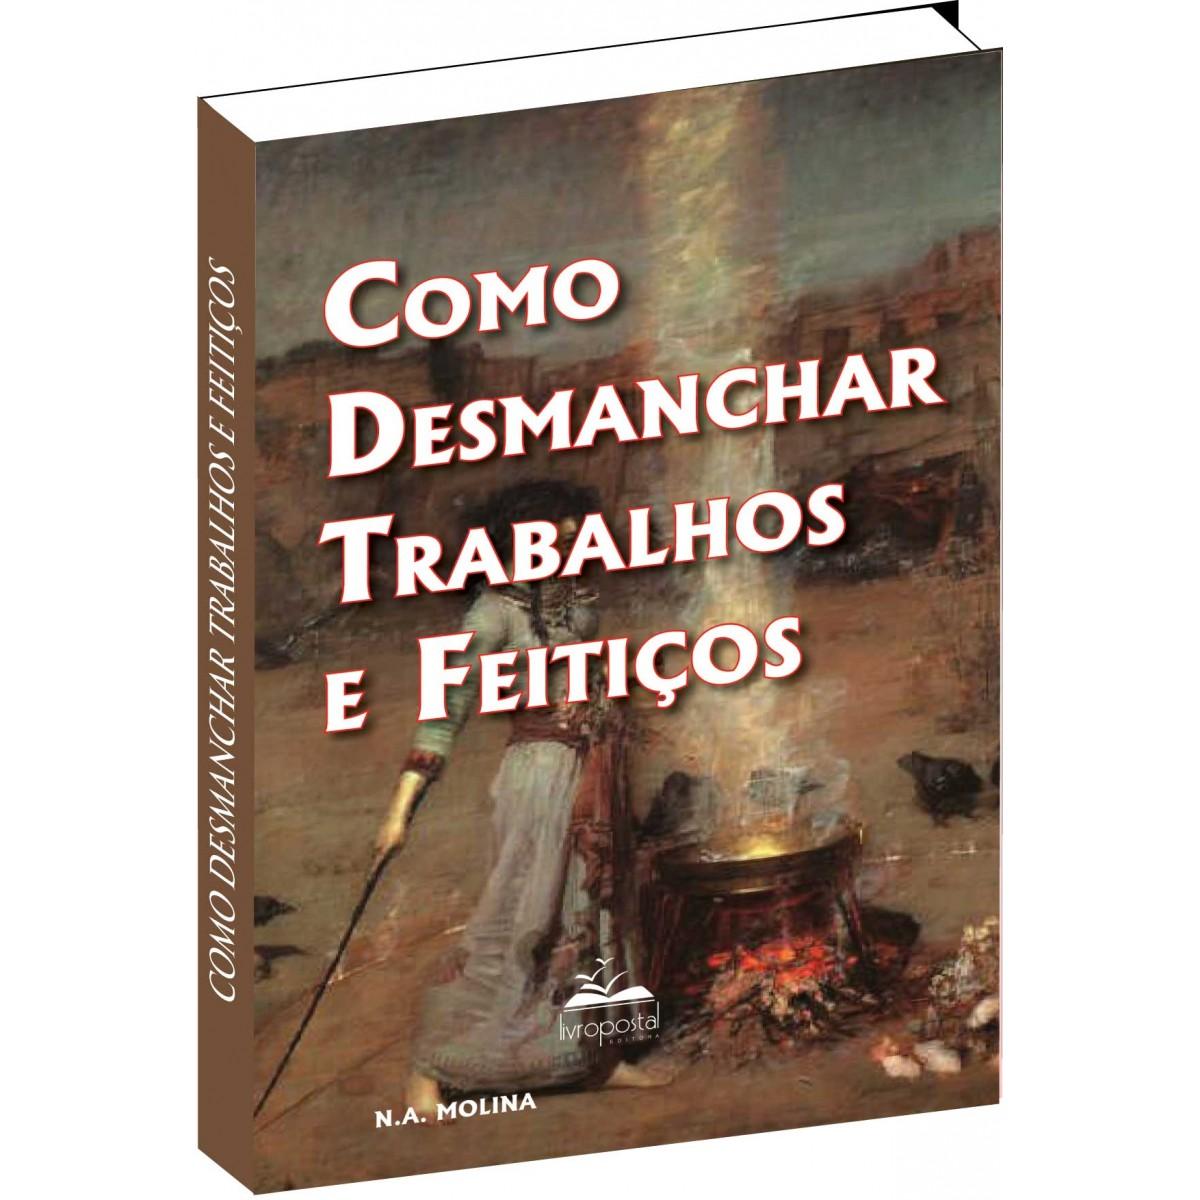 Livro - Como desmanchar Trabalhos e Feitiços  - Livropostal Editora